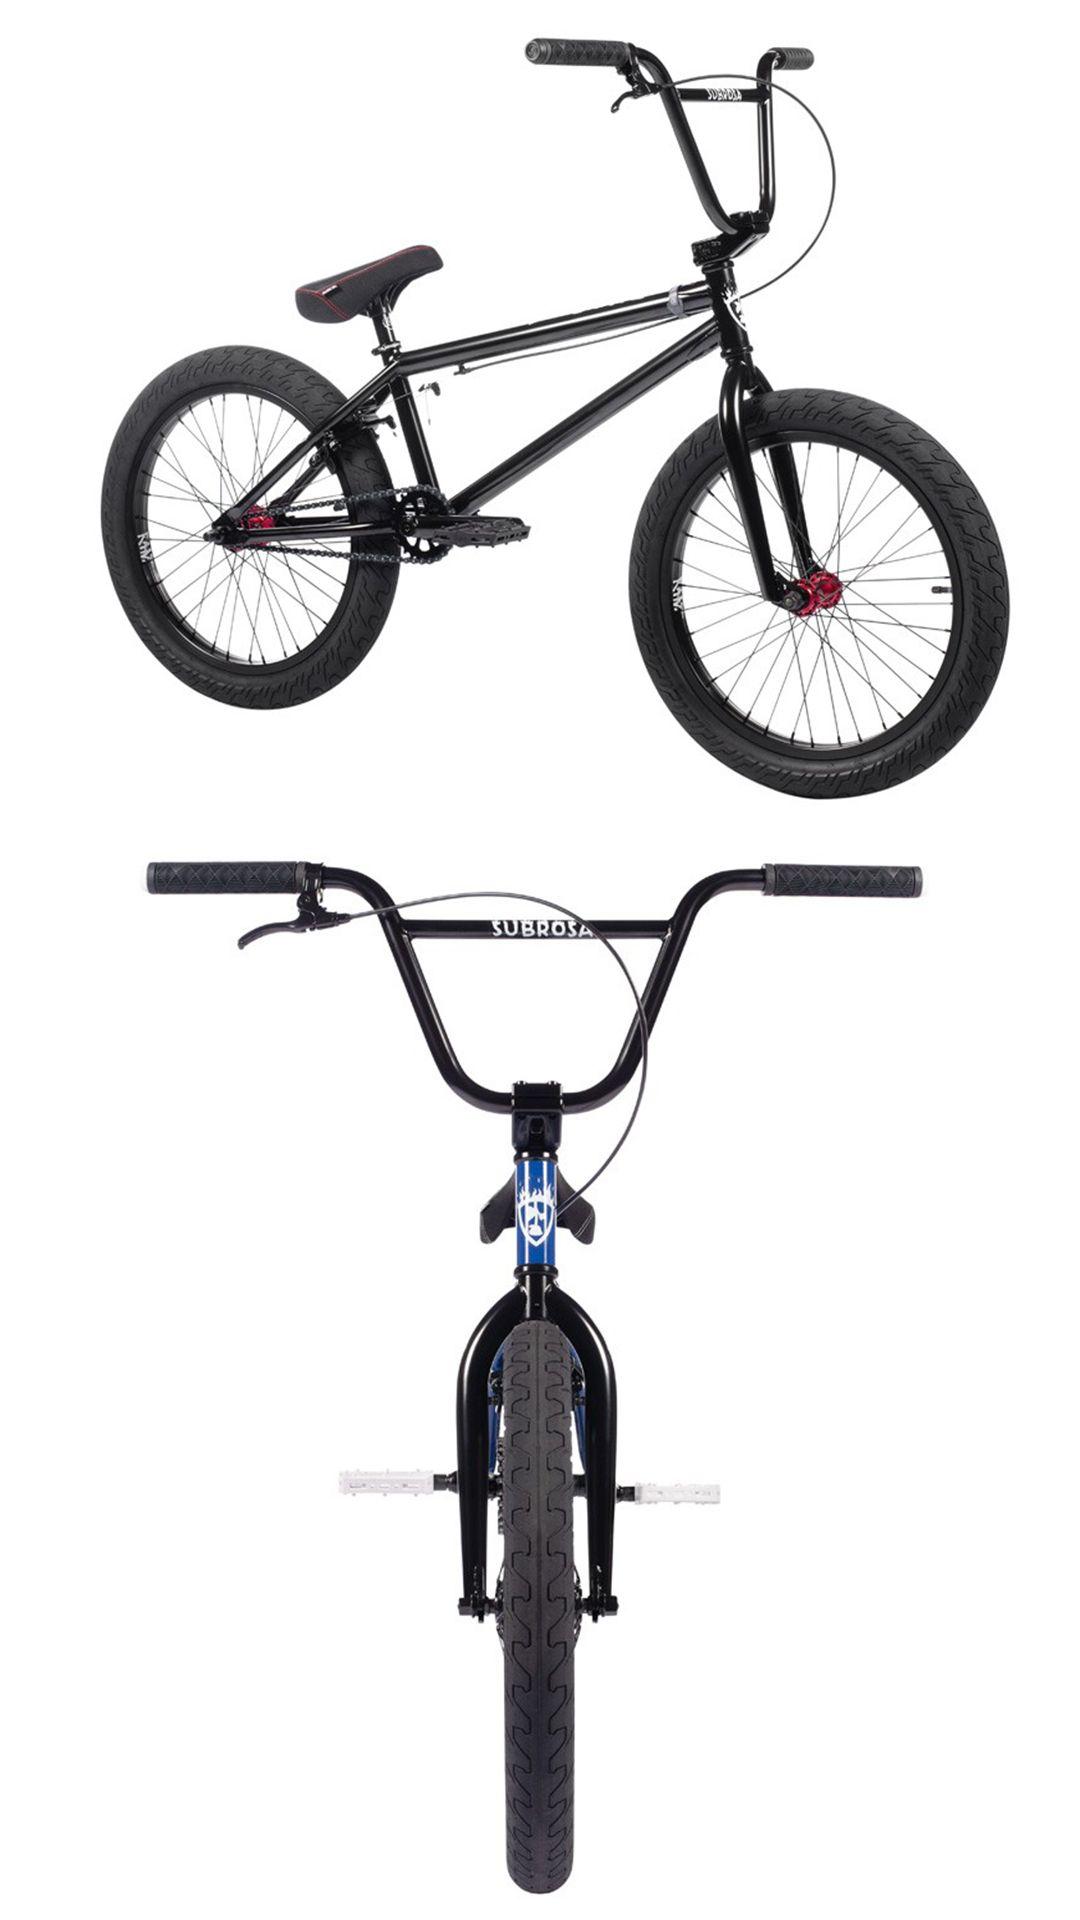 2021 Subrosa Sono In 2020 Beginner Bike Best Bmx Bmx Bikes